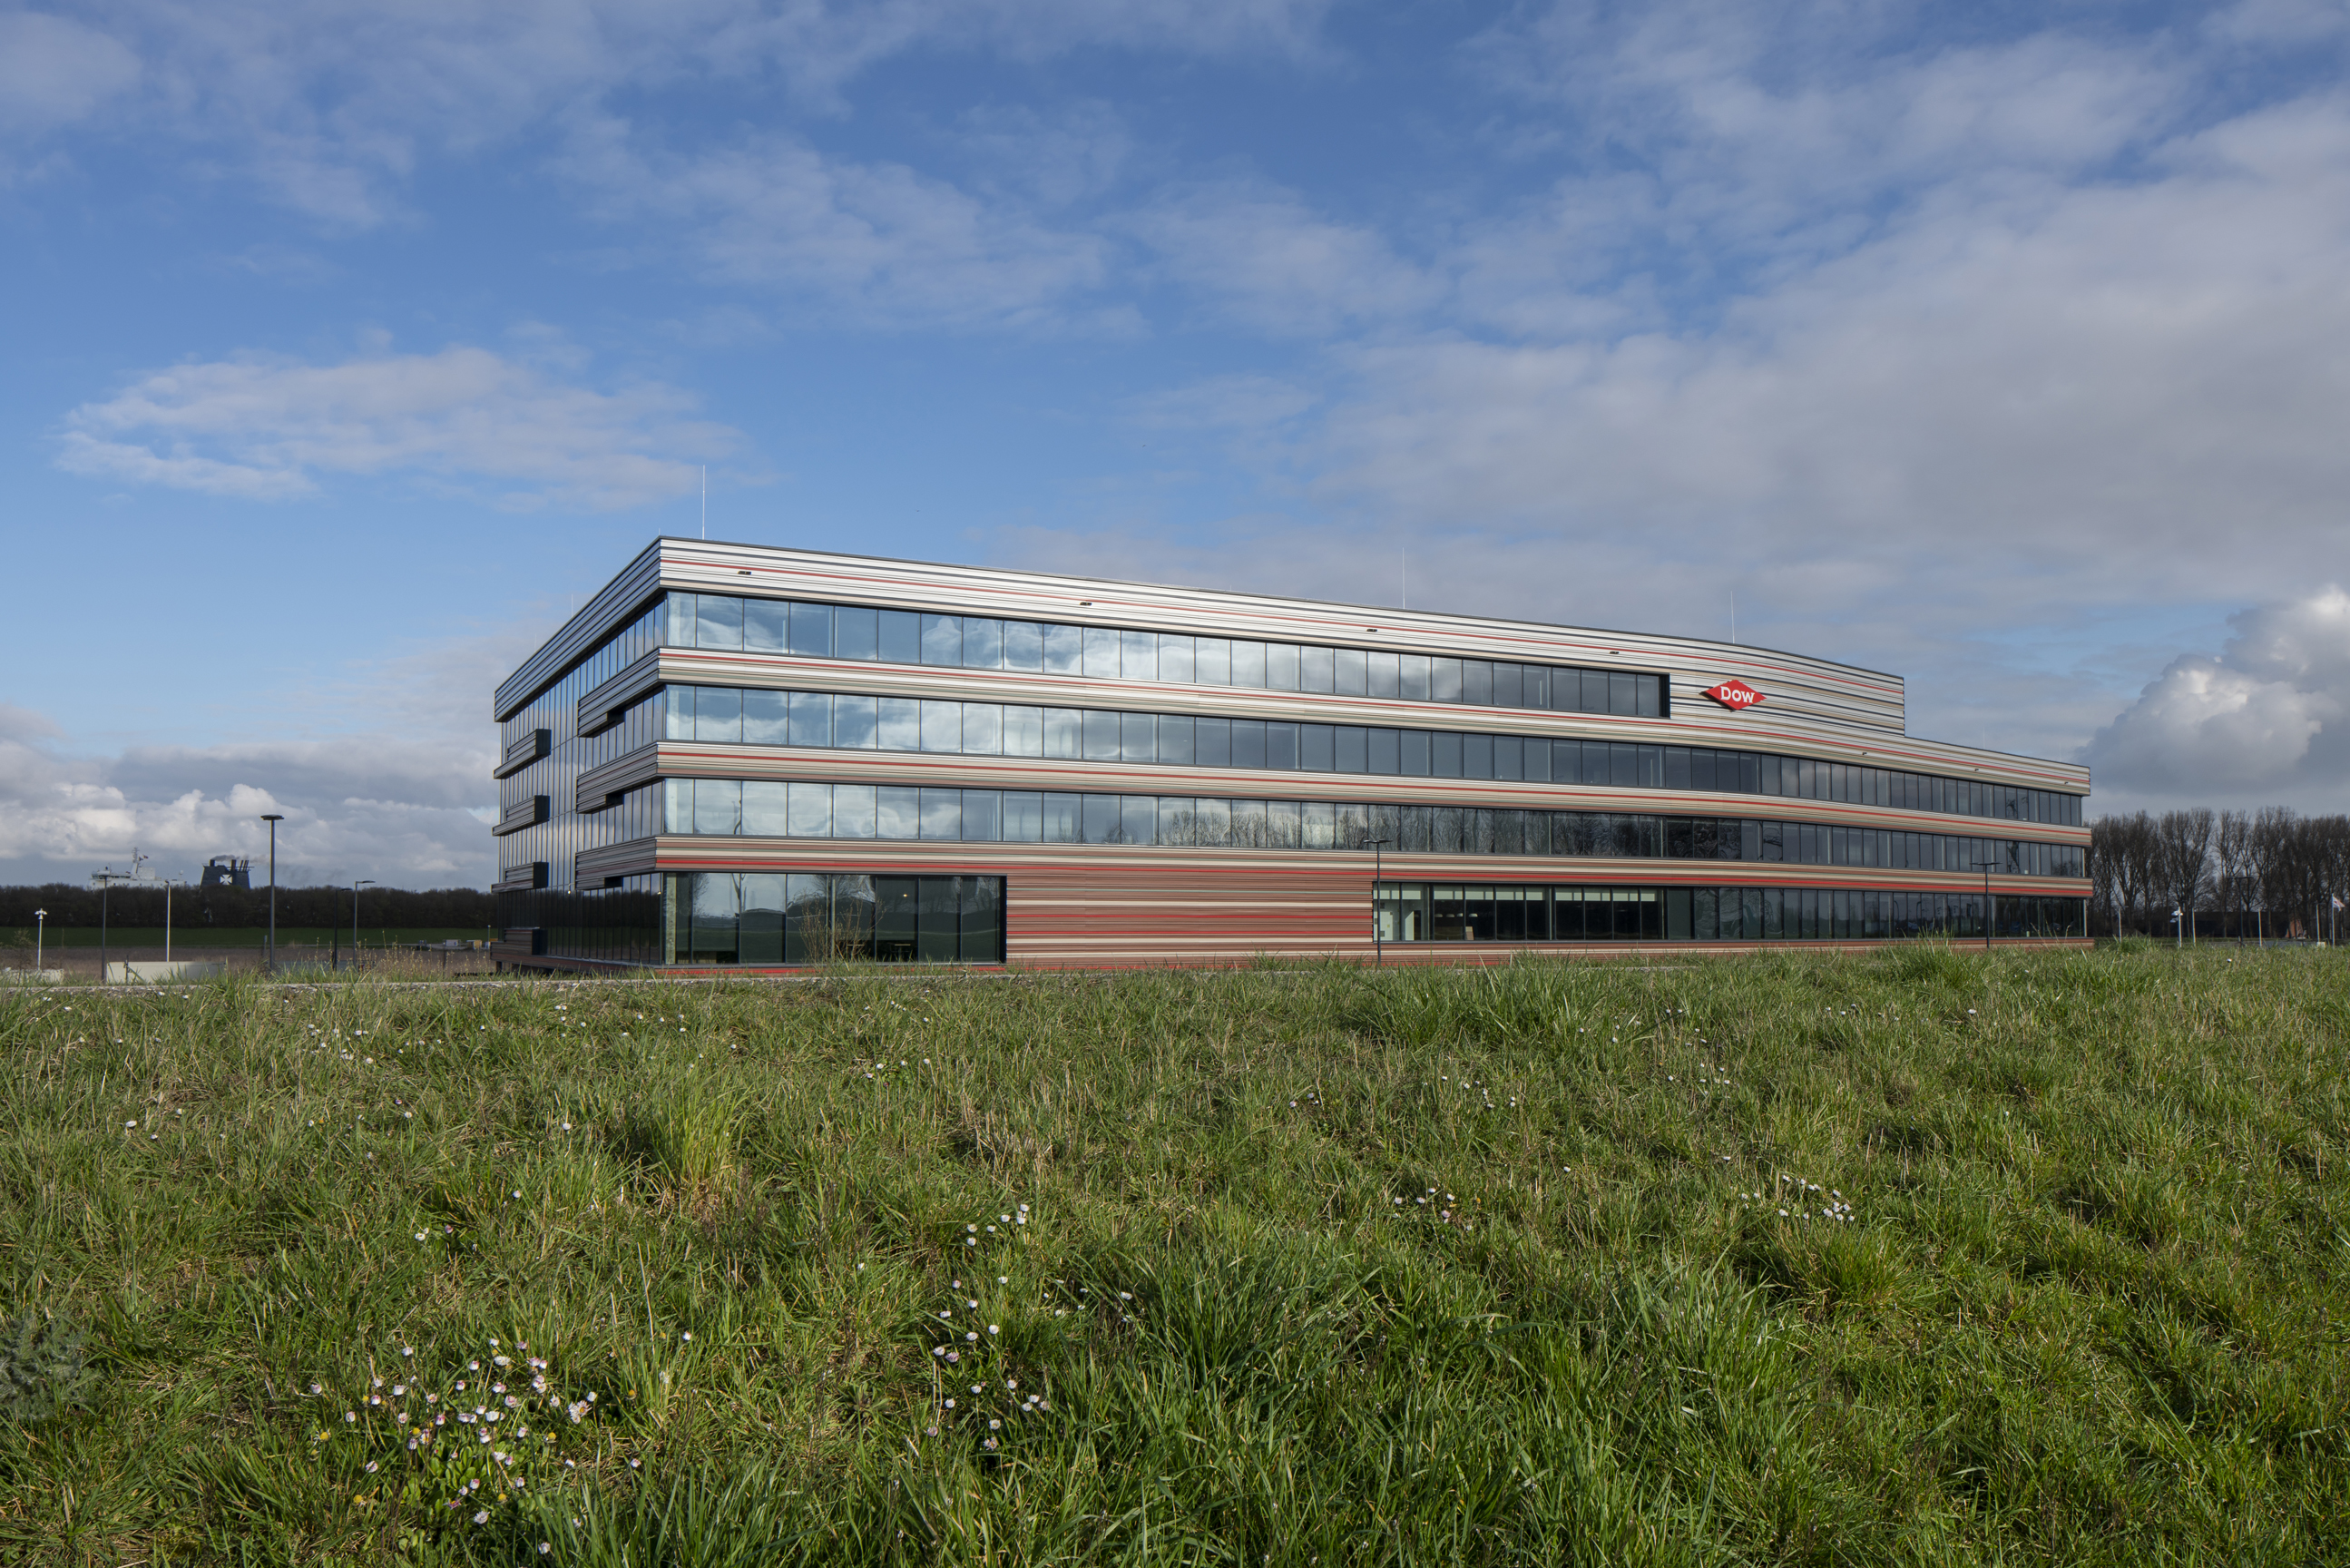 <p>Het Zeeuwse polderlandschap diende als inspiratiebron voor het ontwerp van het gebouw.  Rijdend door de omgeving zie je een kleurverloop van aarde en groen naar de lichtgrijsblauwe lucht &#8211; foto Frank Hanswijk</p>